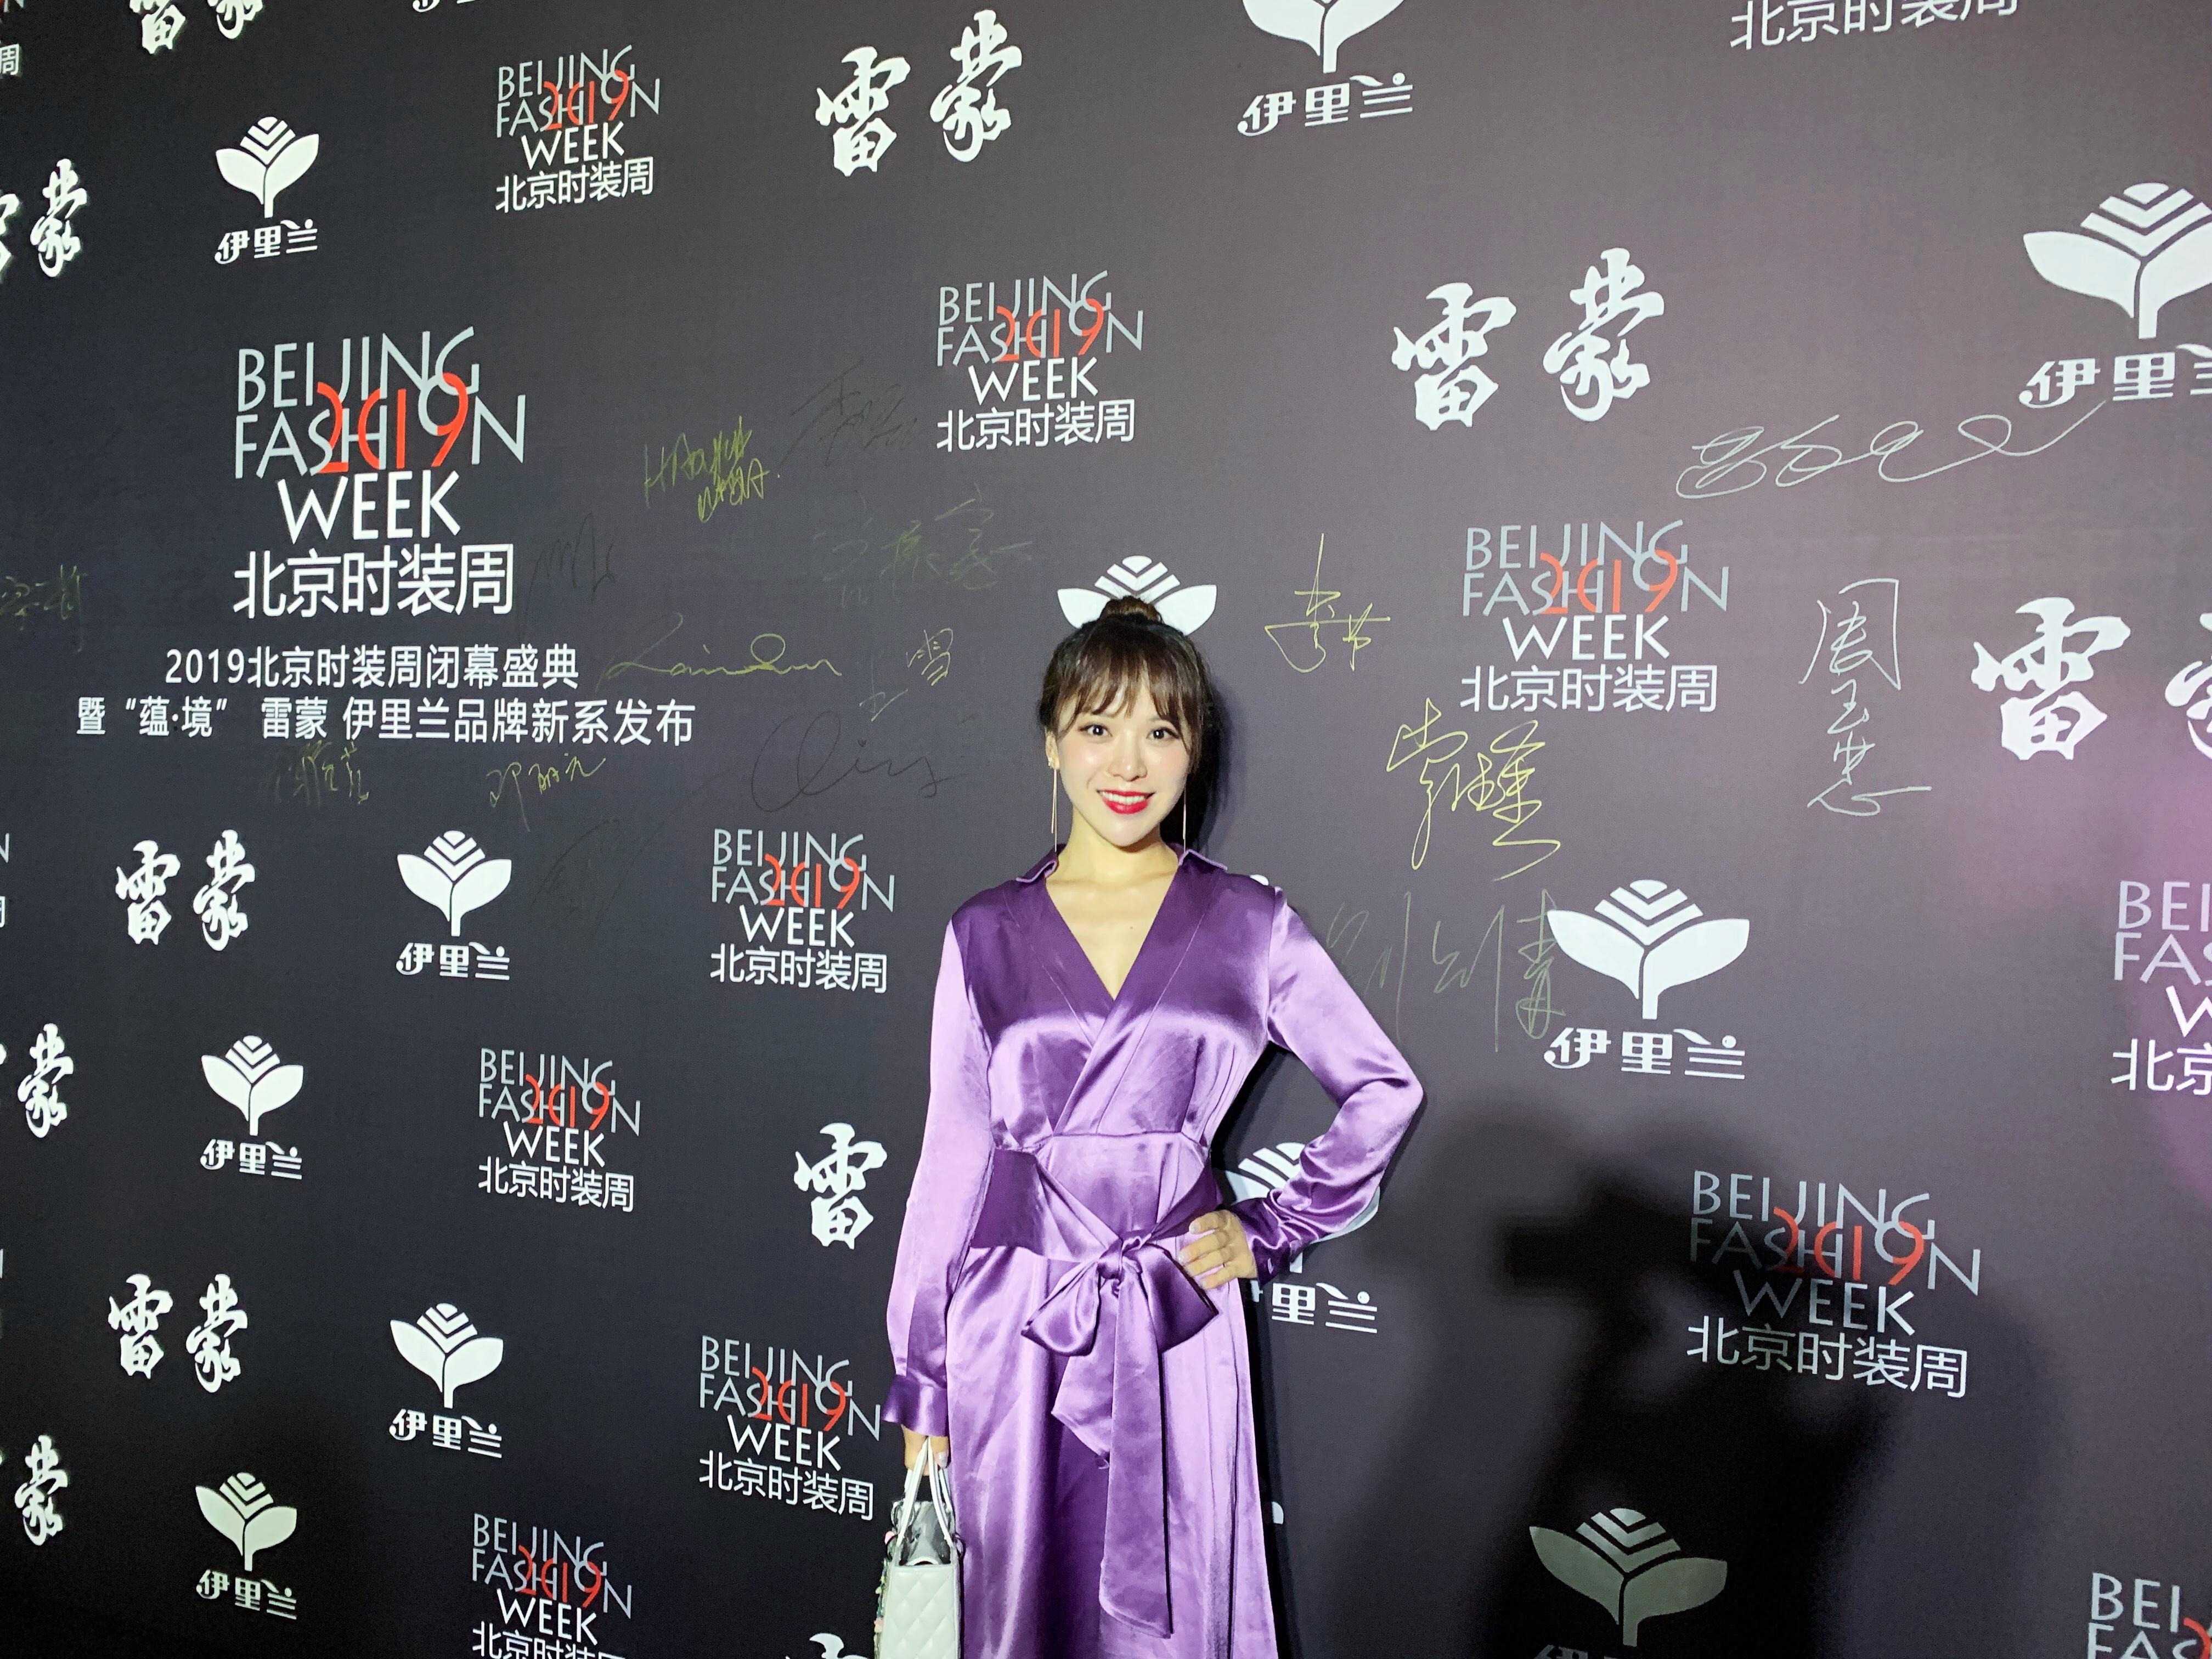 走在时尚潮流前沿 罗心妍受邀参加2019北京时装周